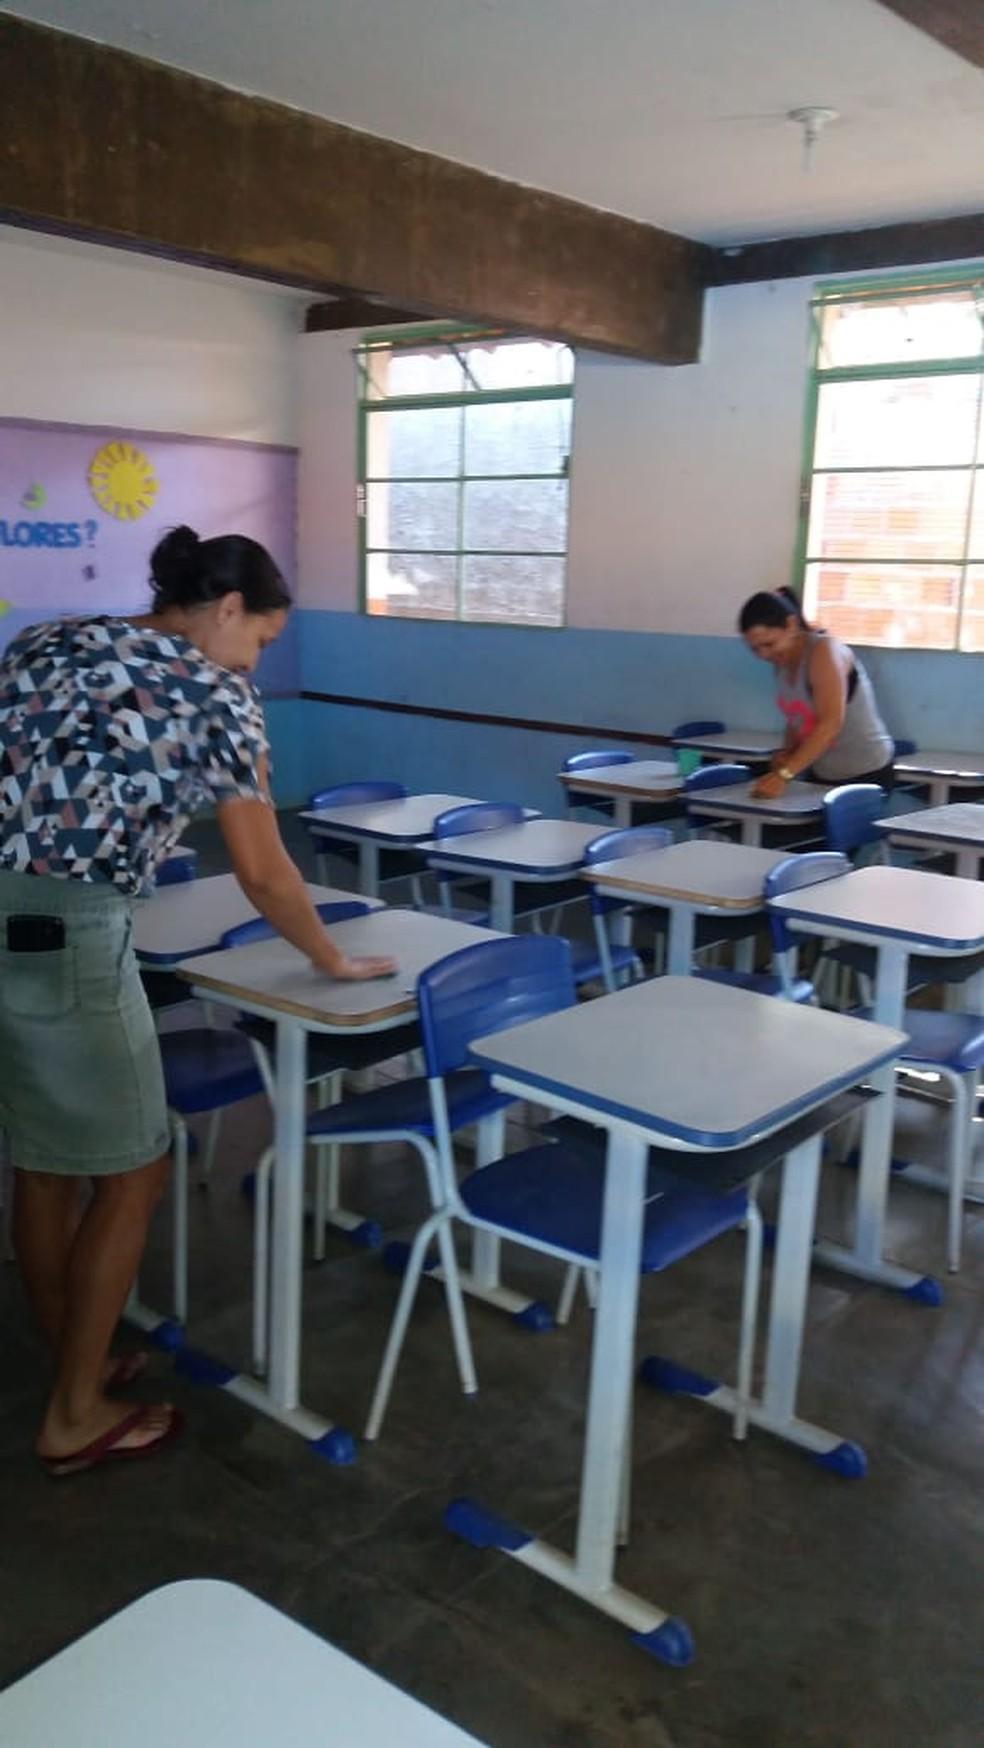 Funcionários fazem mutirão de limpeza em escola em Mirabela — Foto: Escola Municipal Eva Ruas / Divulgação